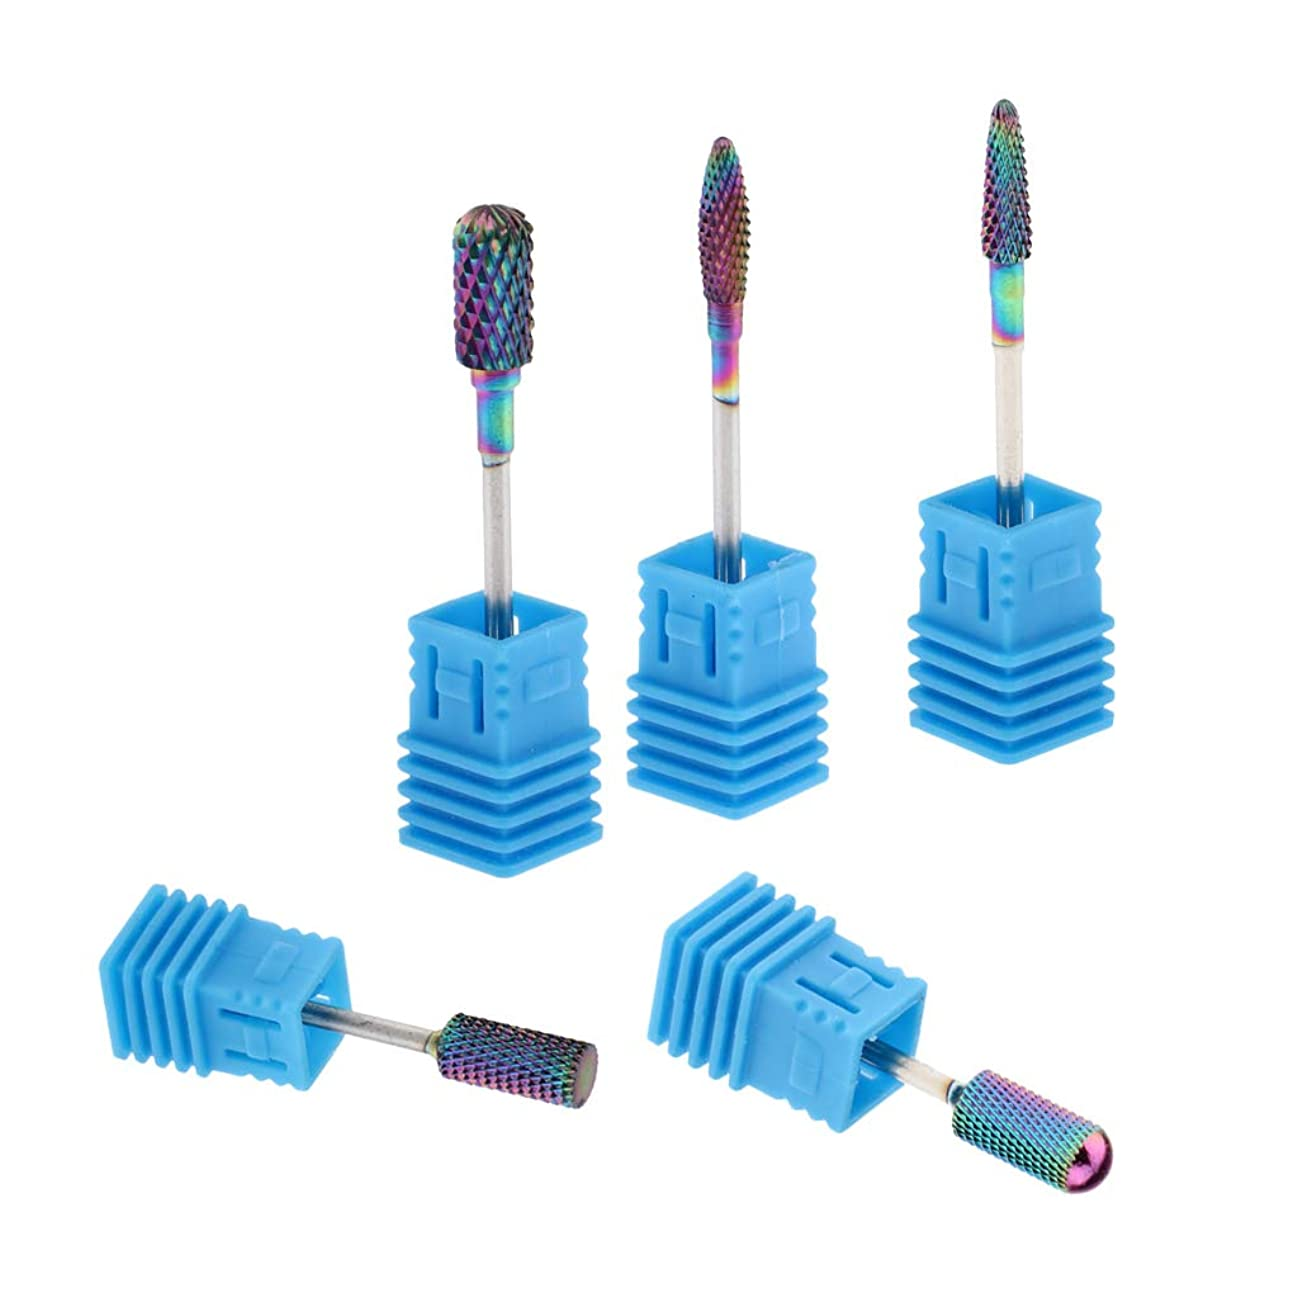 厳密に協力する休日T TOOYFUL 陶磁器ドリルビット ネイルマシンビット 研削ネイル ネイルドリルビット ネイルマシーン用ビット 5個入